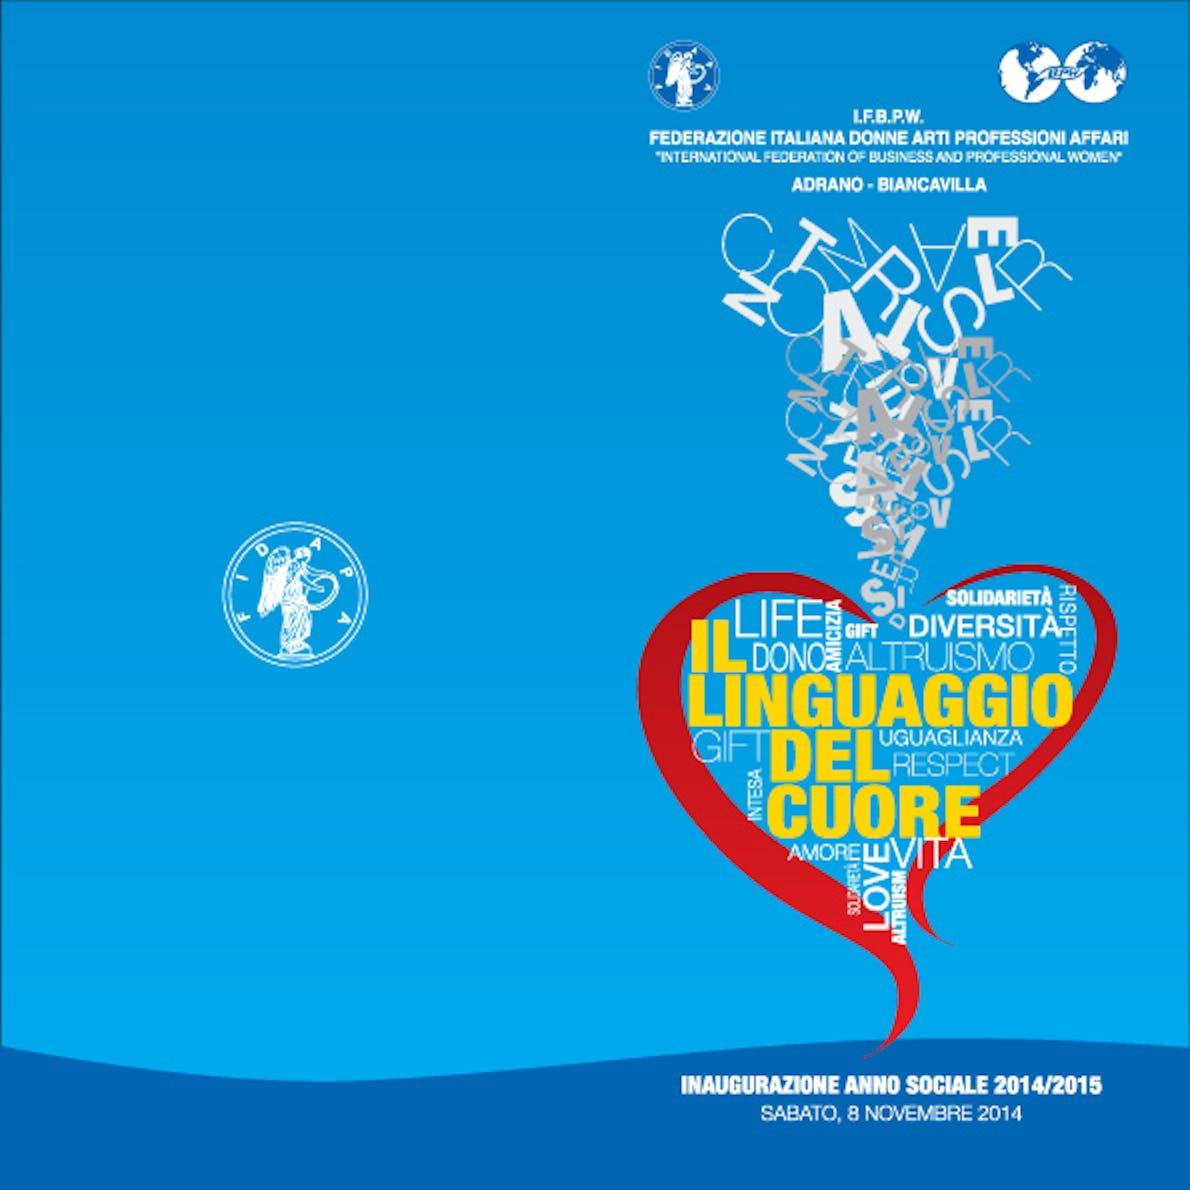 L'UNICEF presenta il proprio impegno per i minori alla F.I.D.A.P.A.